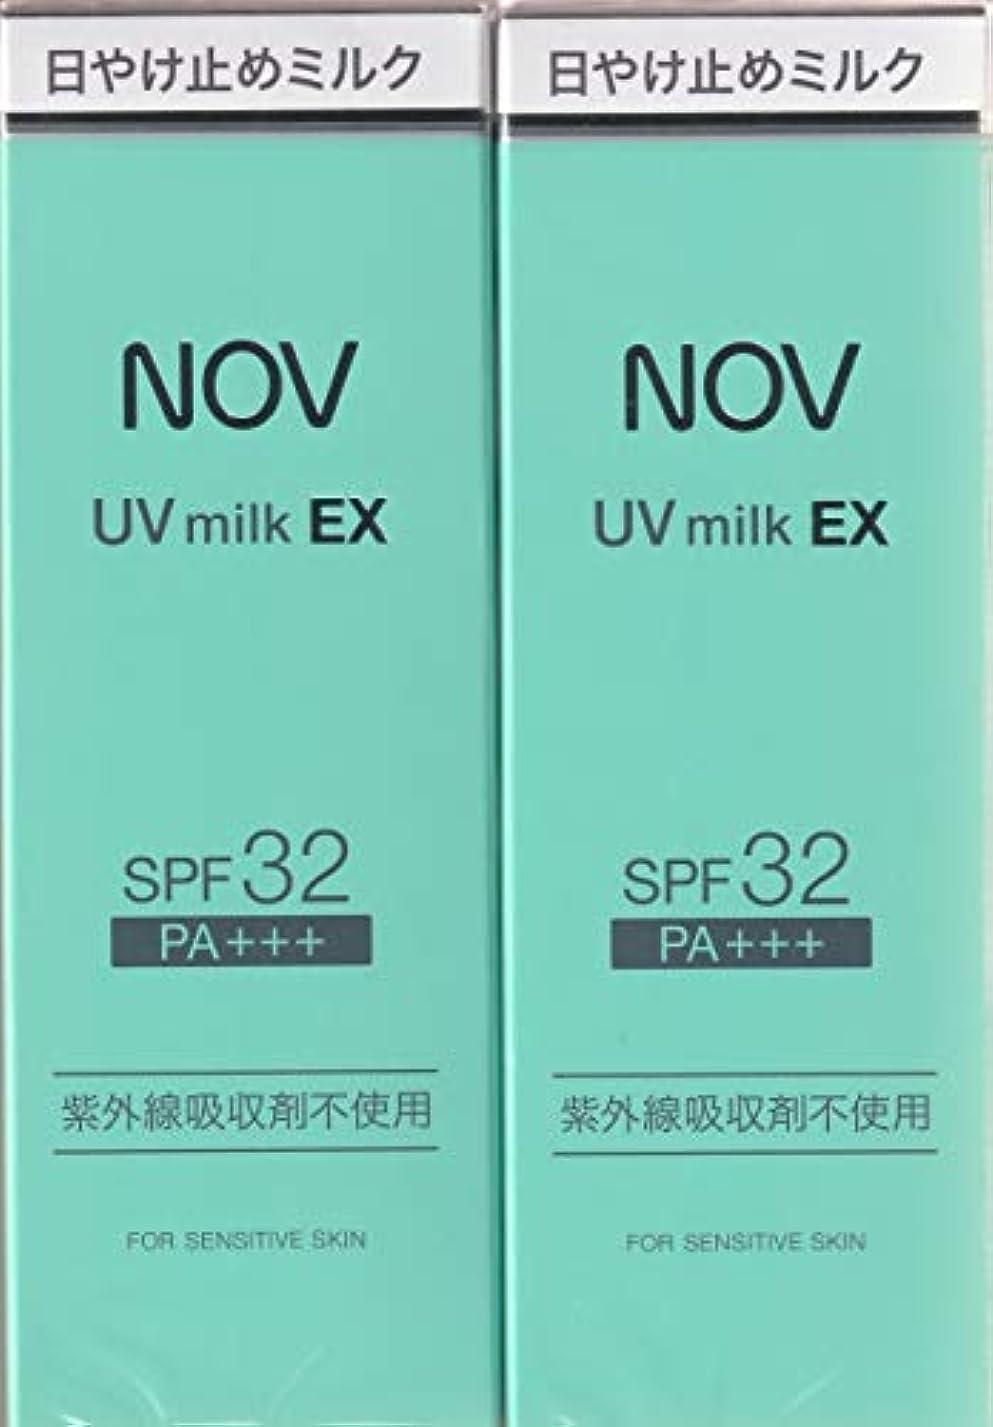 ノブ UVミルク EX 35g×2箱セット (日やけ止めミルク)